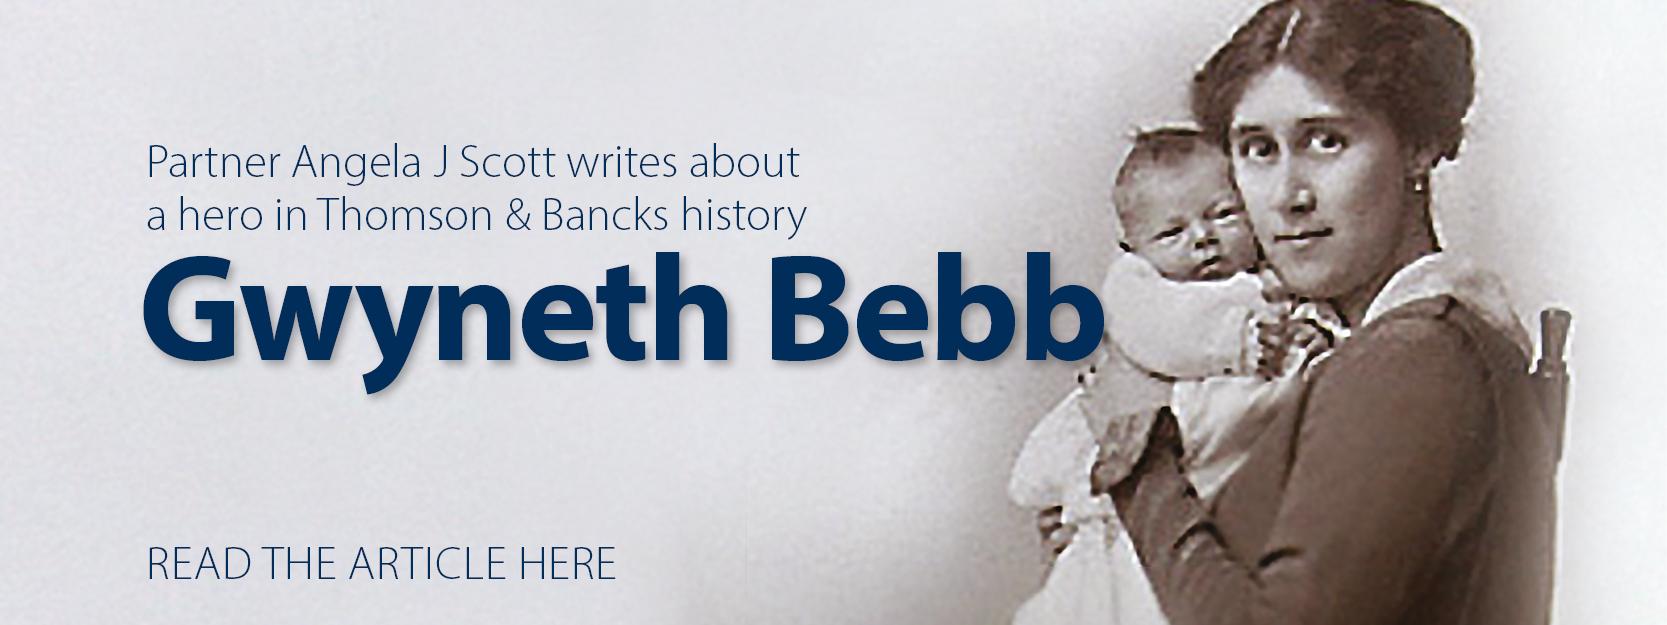 Gwyneth Bebb